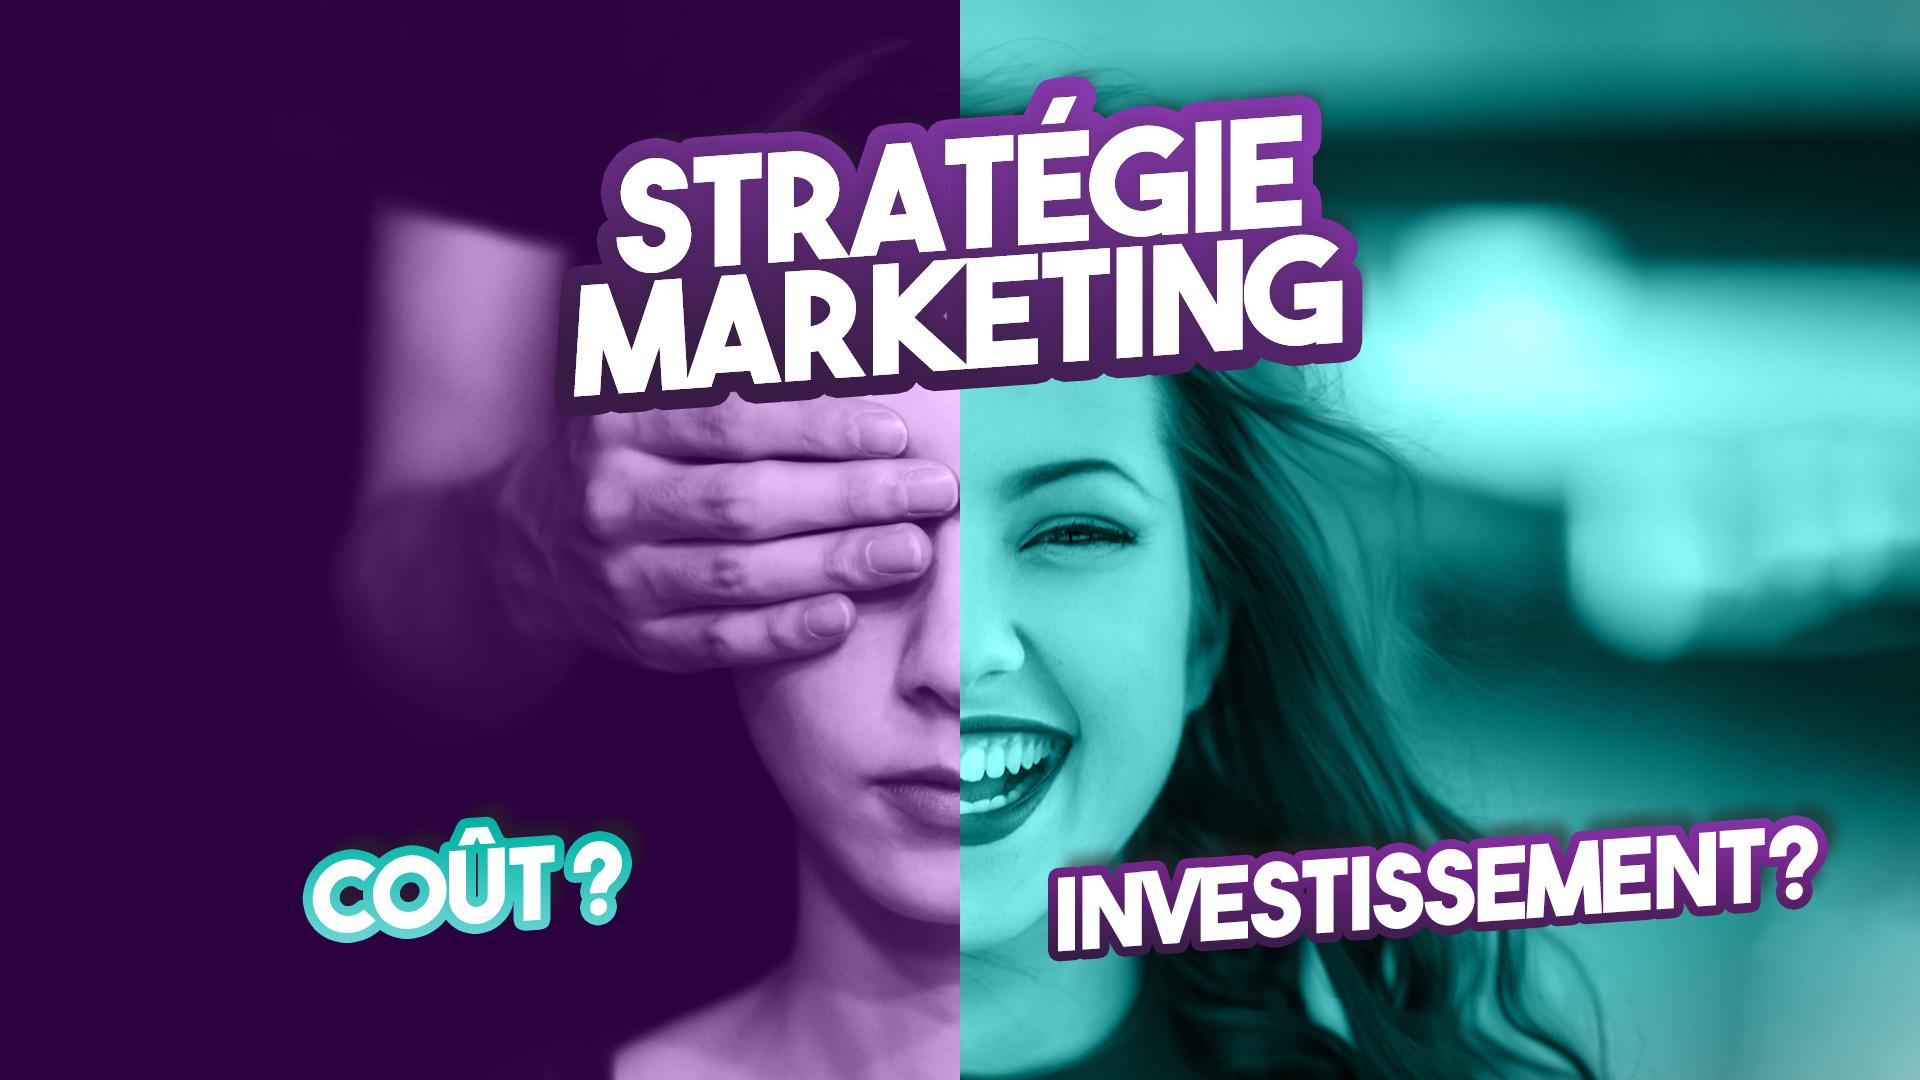 Stratégie Marketing : coût ou investissement pour votre entreprise ?